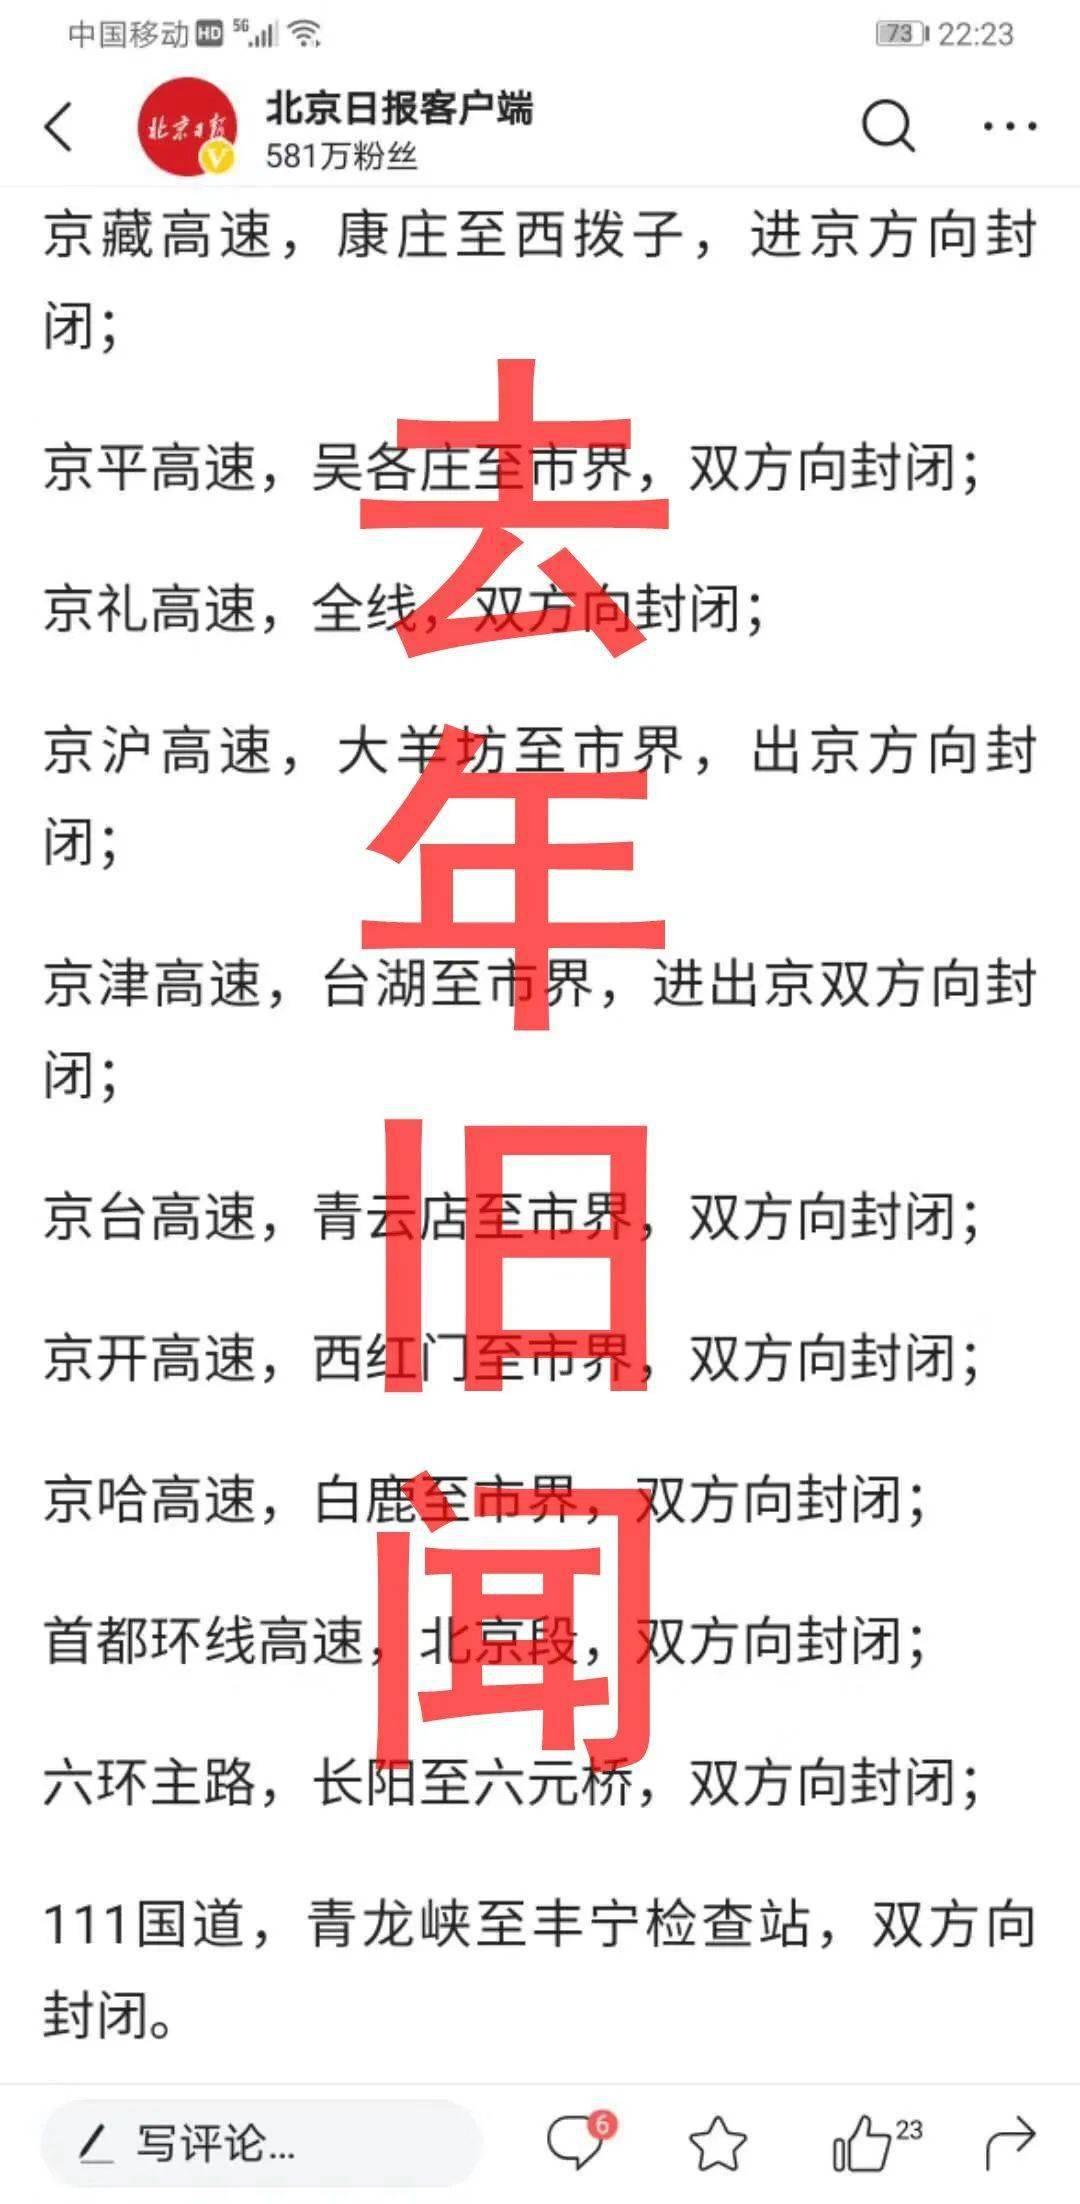 又新增31例,6天累计137例!北京对所有小区全面实行严格封闭式管理,有人瞒报被调查...